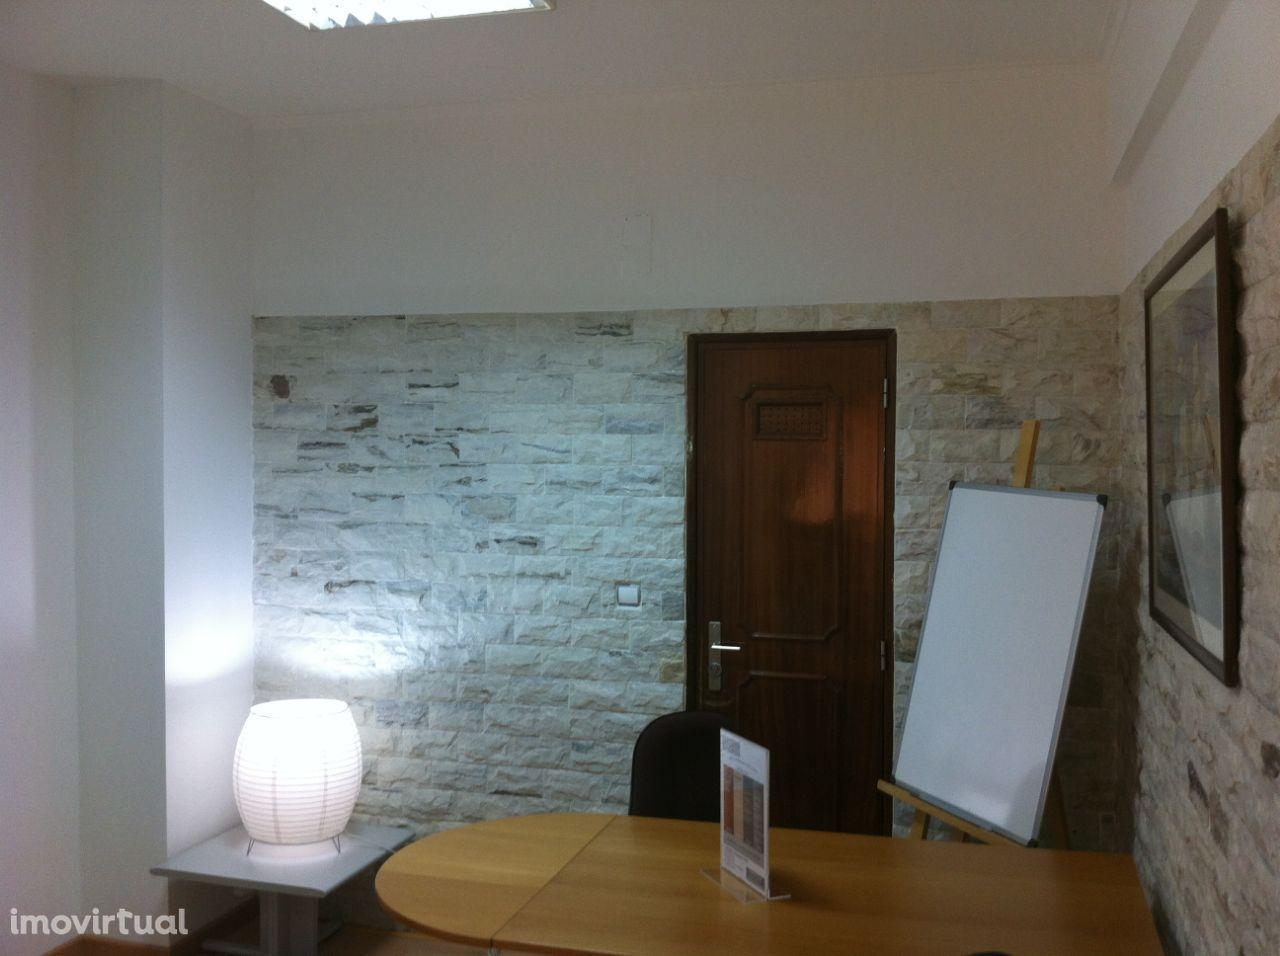 Pacote de 40 Horas + Oferta 4 HORAS, para as suas reuniões em Lisboa!